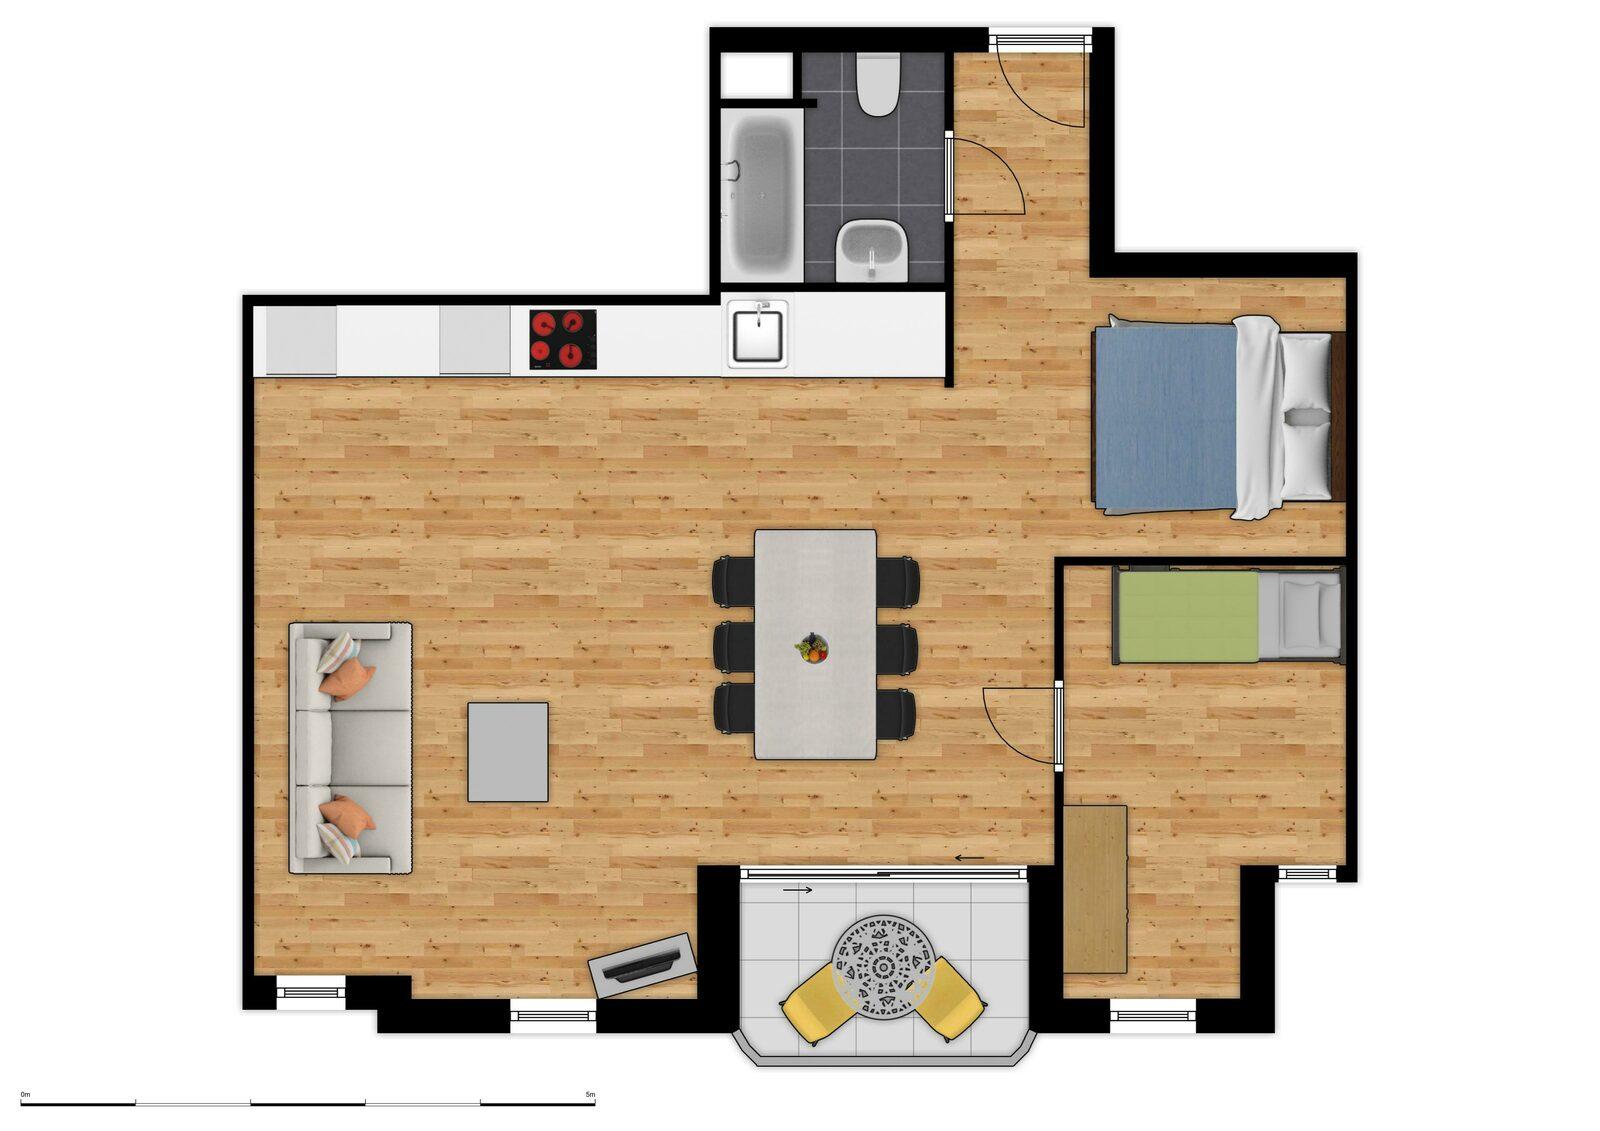 Comfort Suite - 6p | Slaapkamer - Slaaphoek - Zetelbed | Balkon - Zeezicht